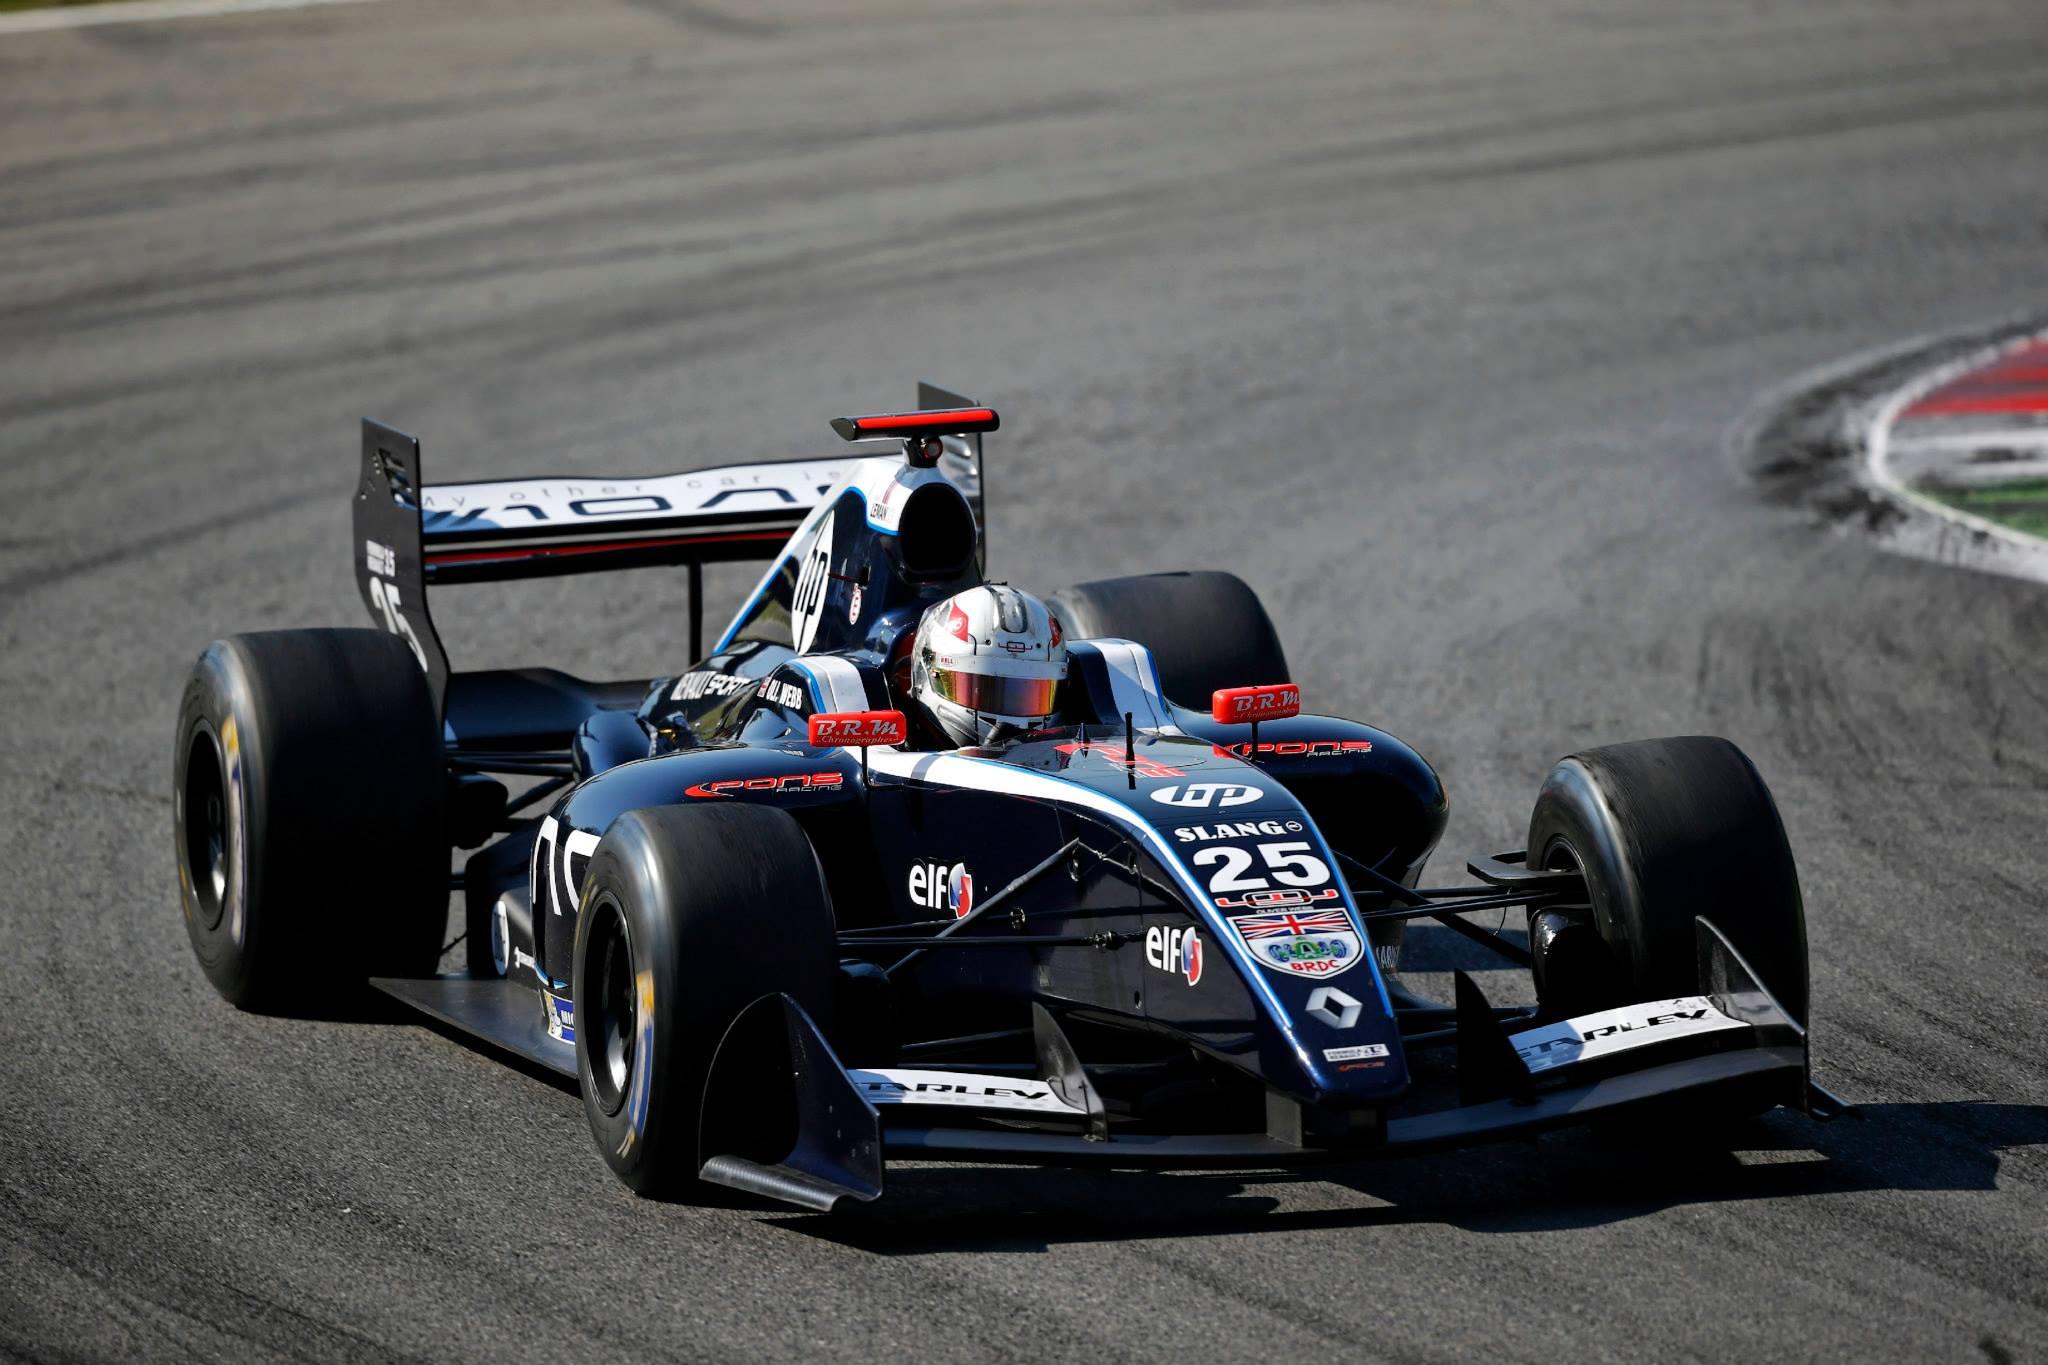 2014 Formula Renault 3.5 Series – Monza – Oliver Webb